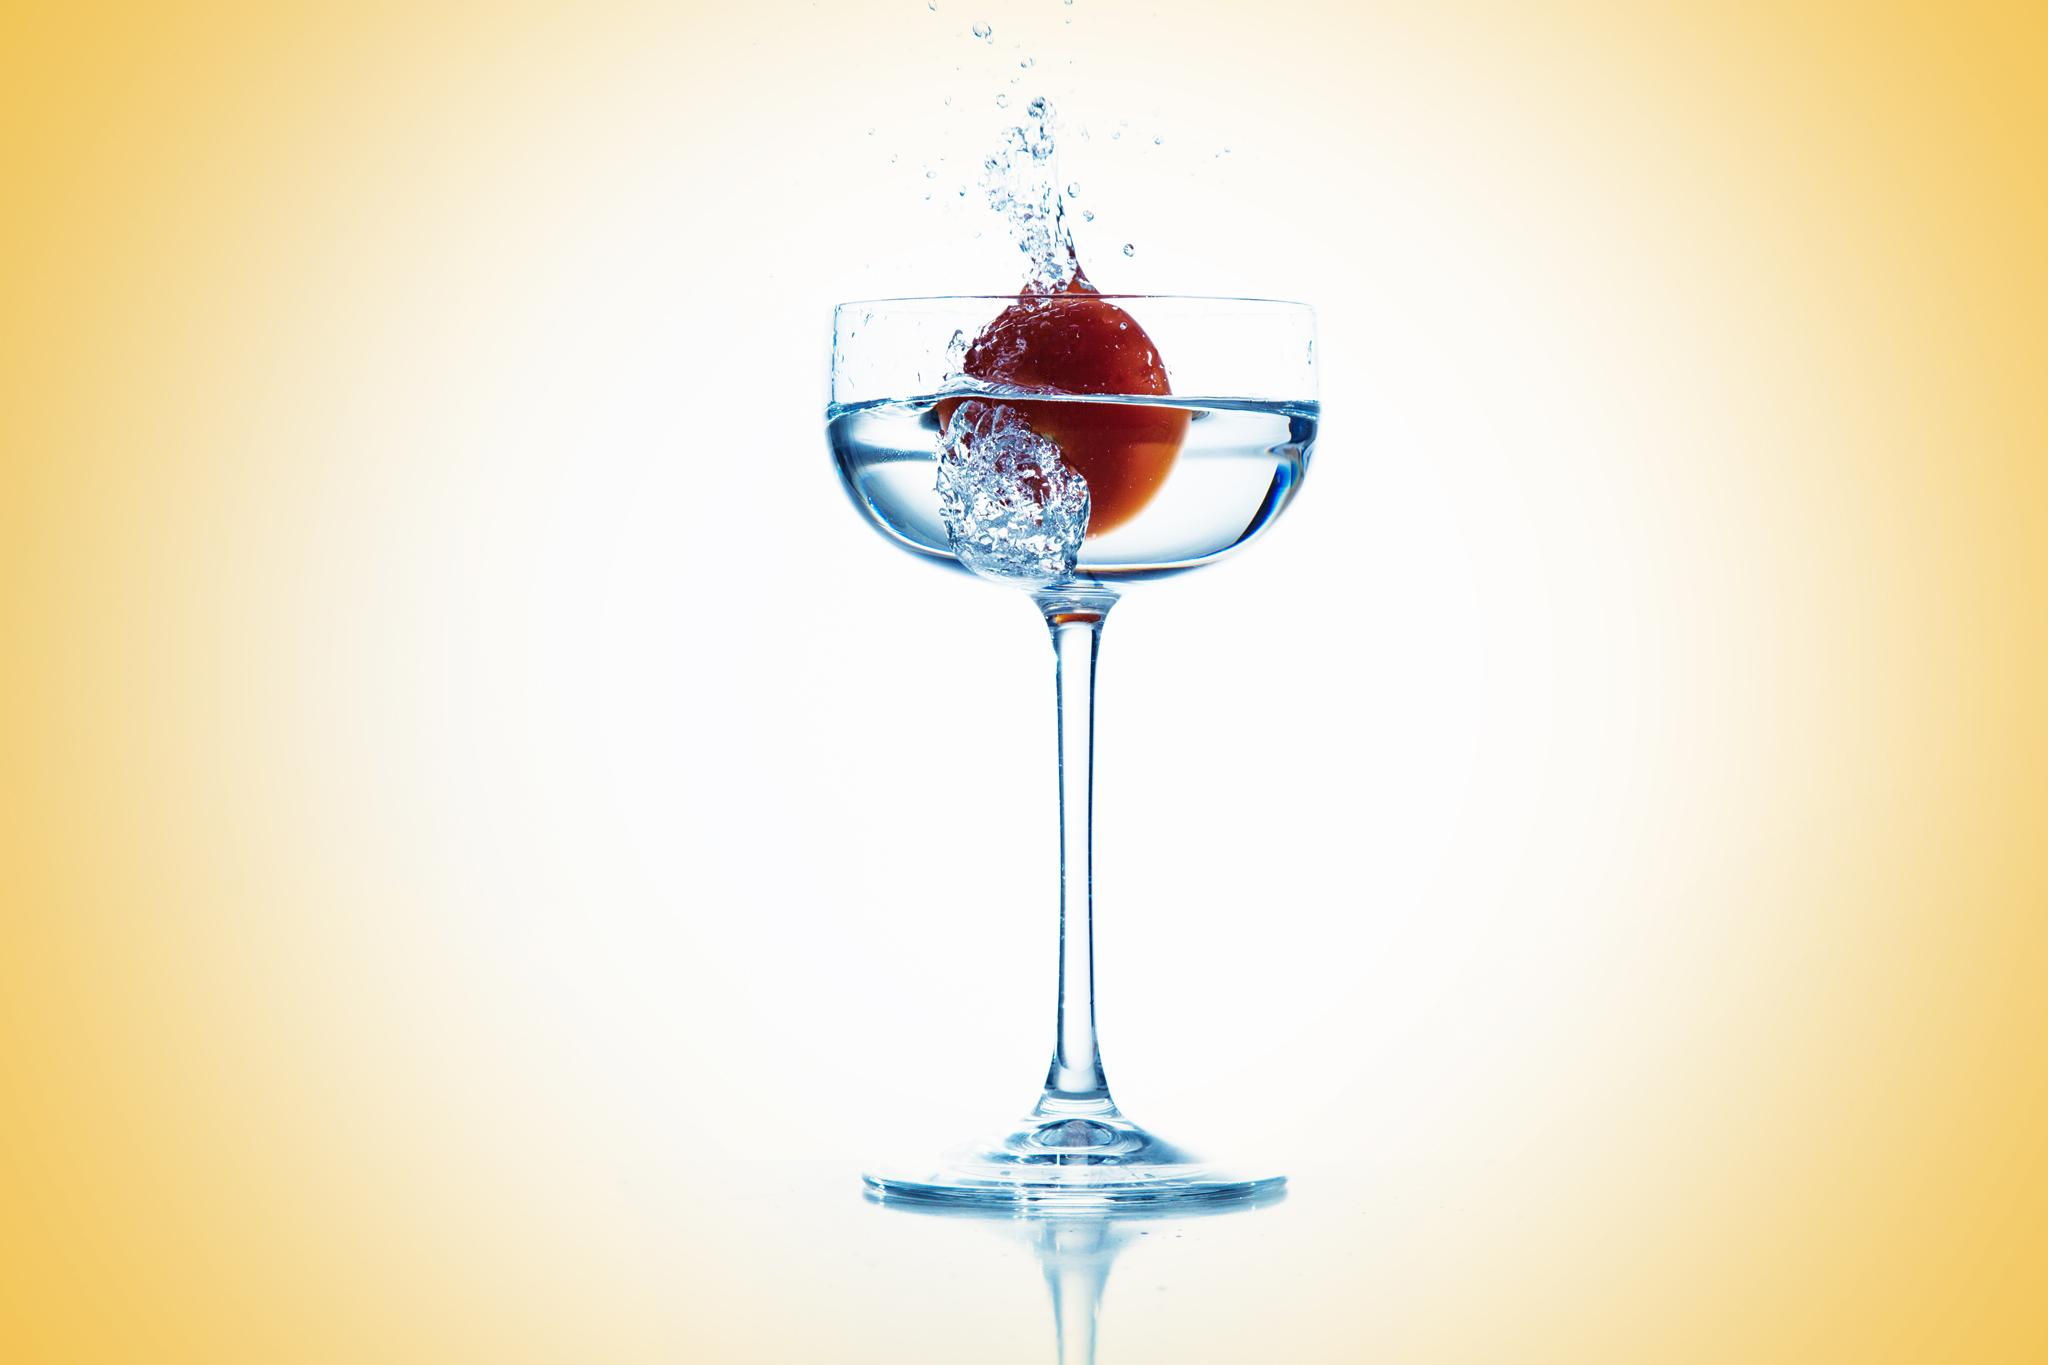 glas, stock, stil, stilleben, wasser, food